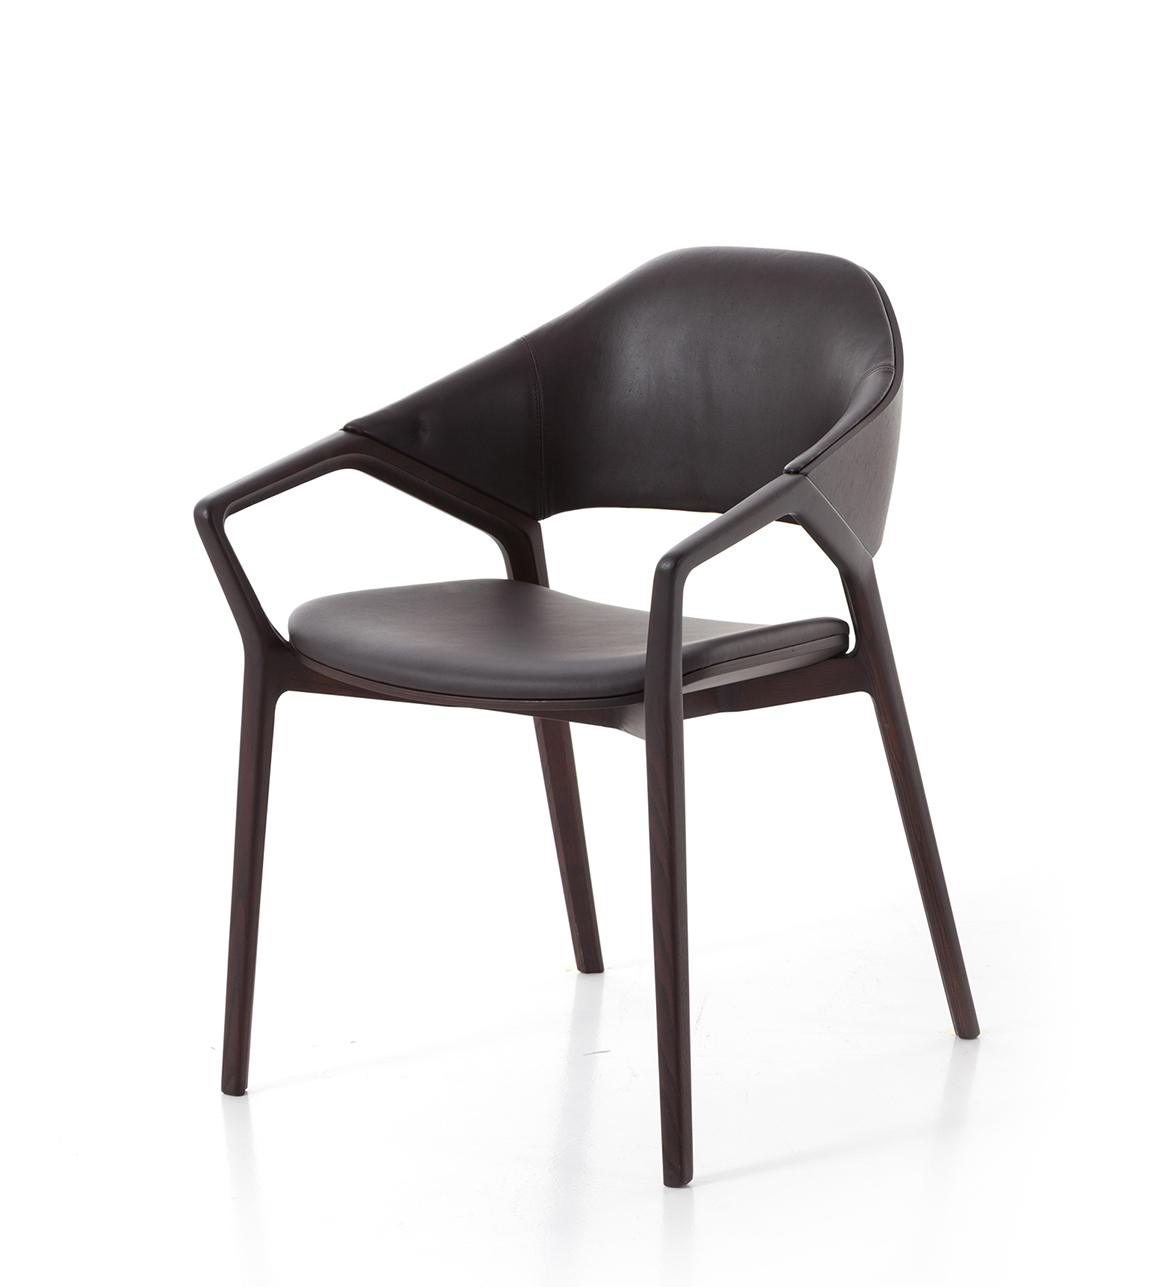 2_CASSINA_Ico chair_Ora Ito